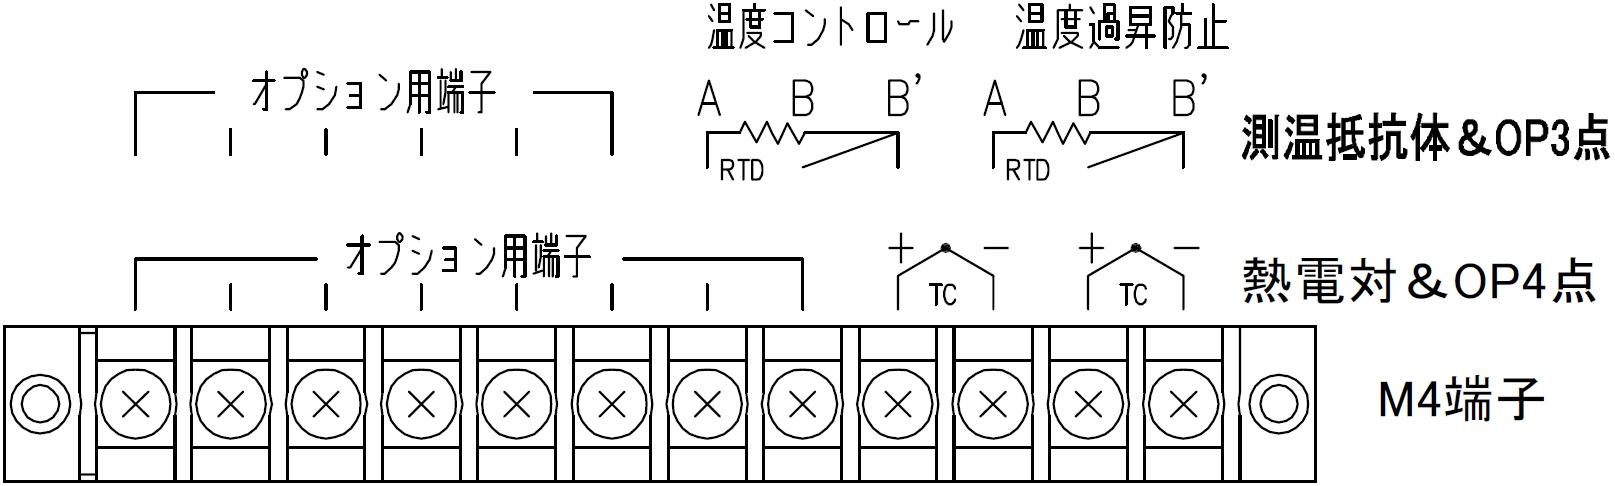 T302端子台